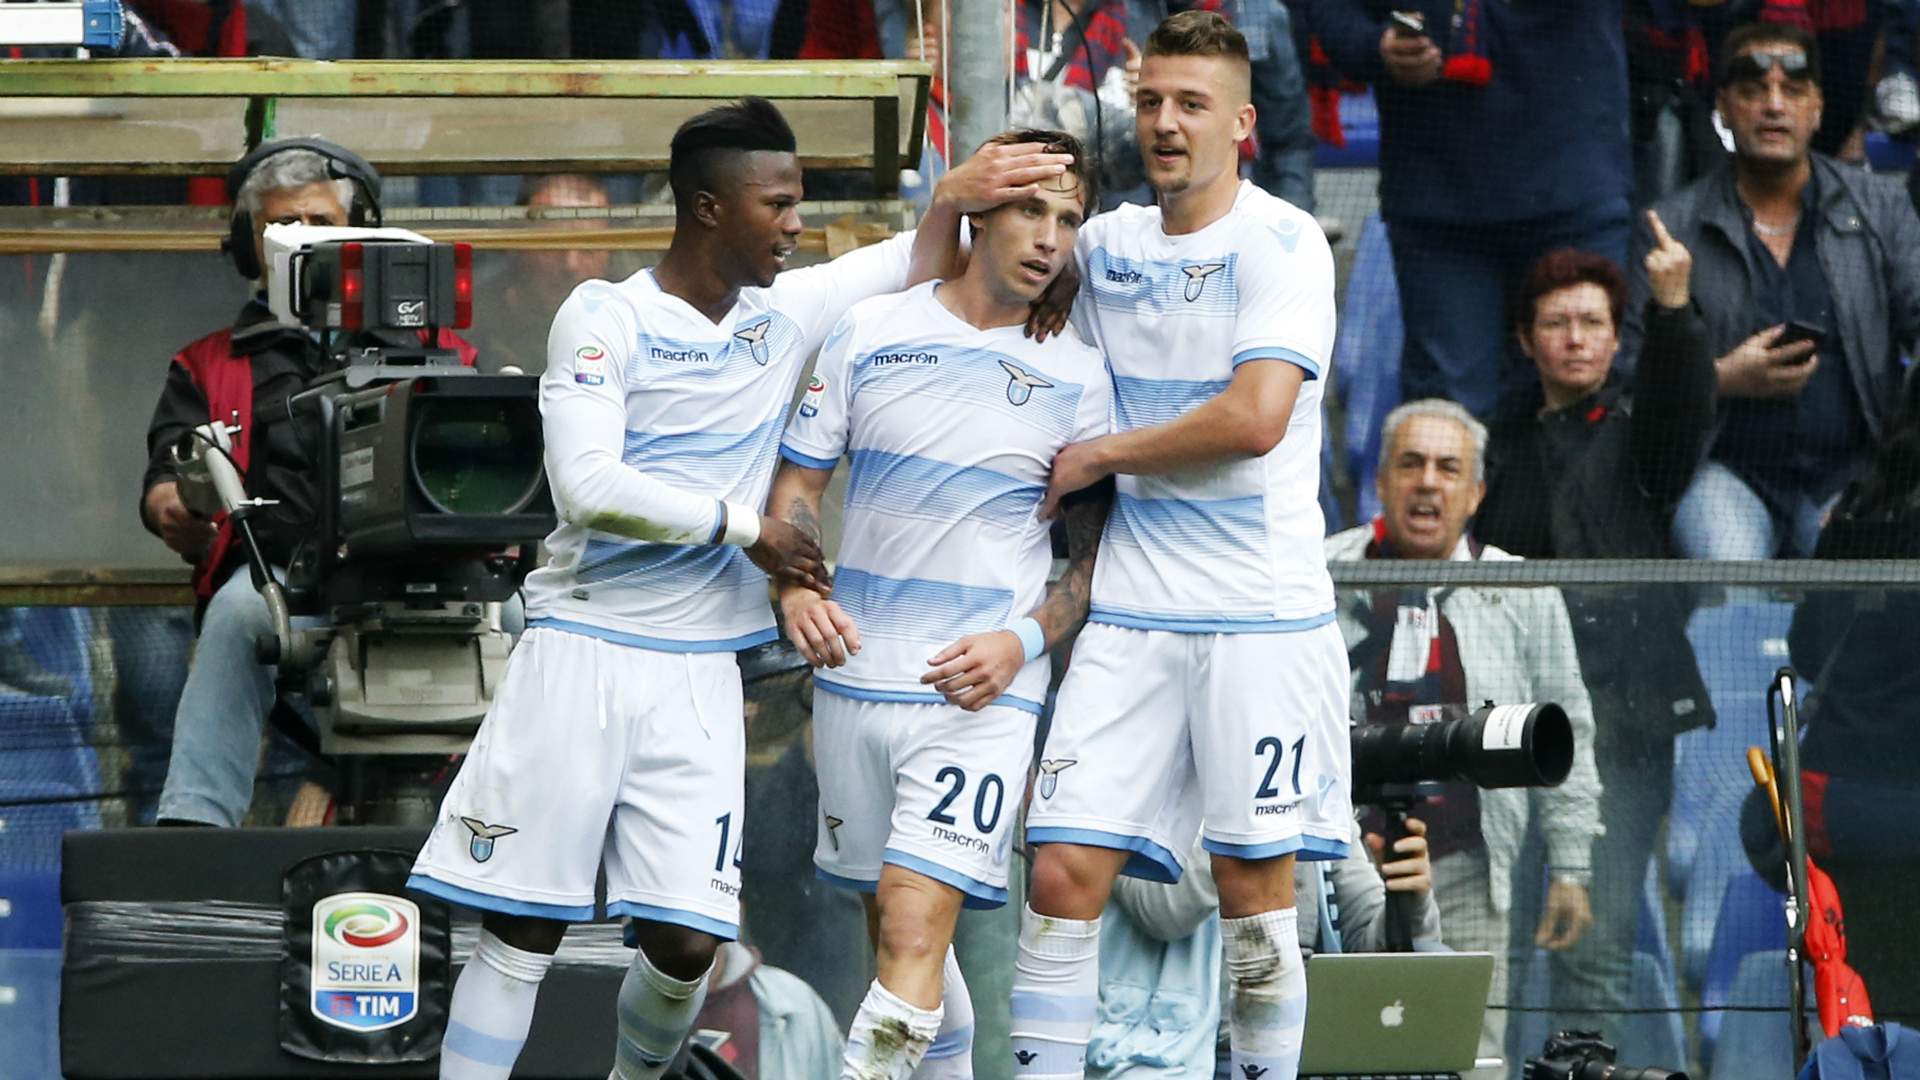 Finale Coppa Italia la Lazio spinge per l'utilizzo della VAR